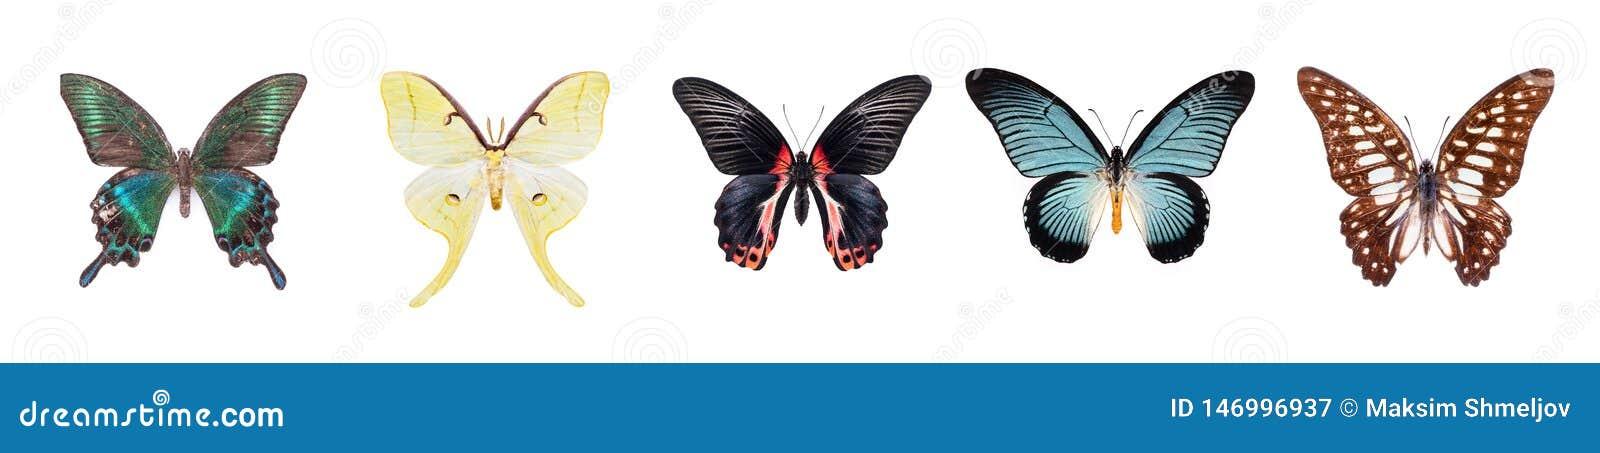 Sistema de mariposas hermosas y coloridas aisladas en blanco